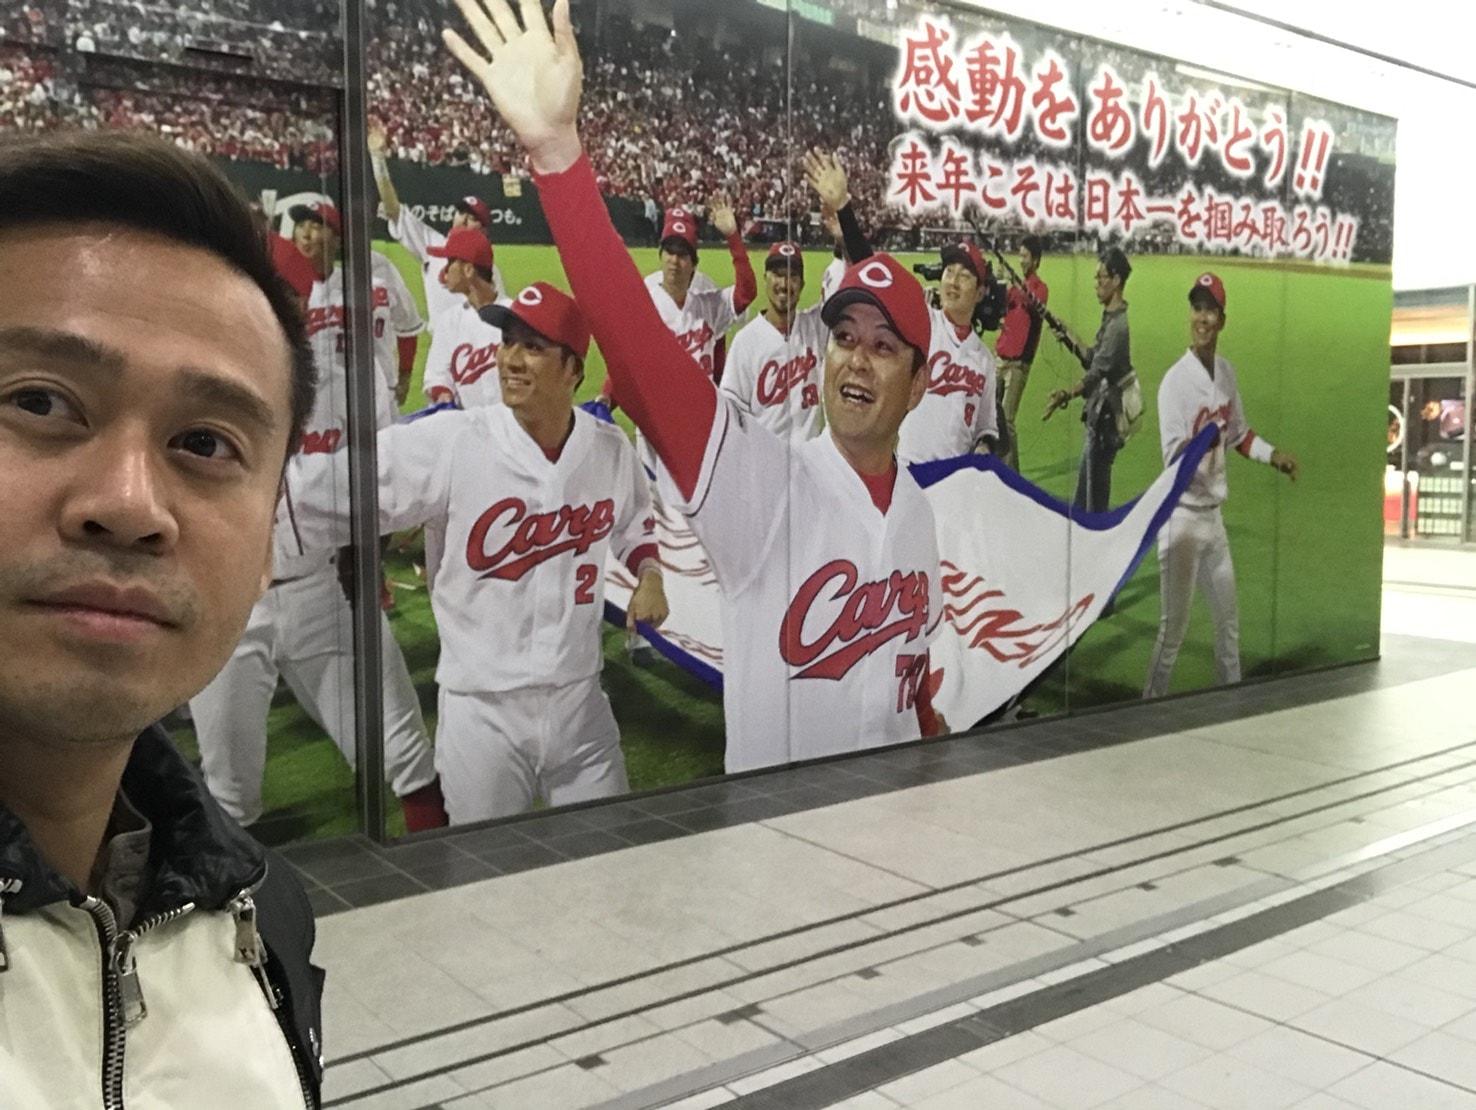 来年こそは日本一を掴み取ろうに思いを馳せる竹井佑介